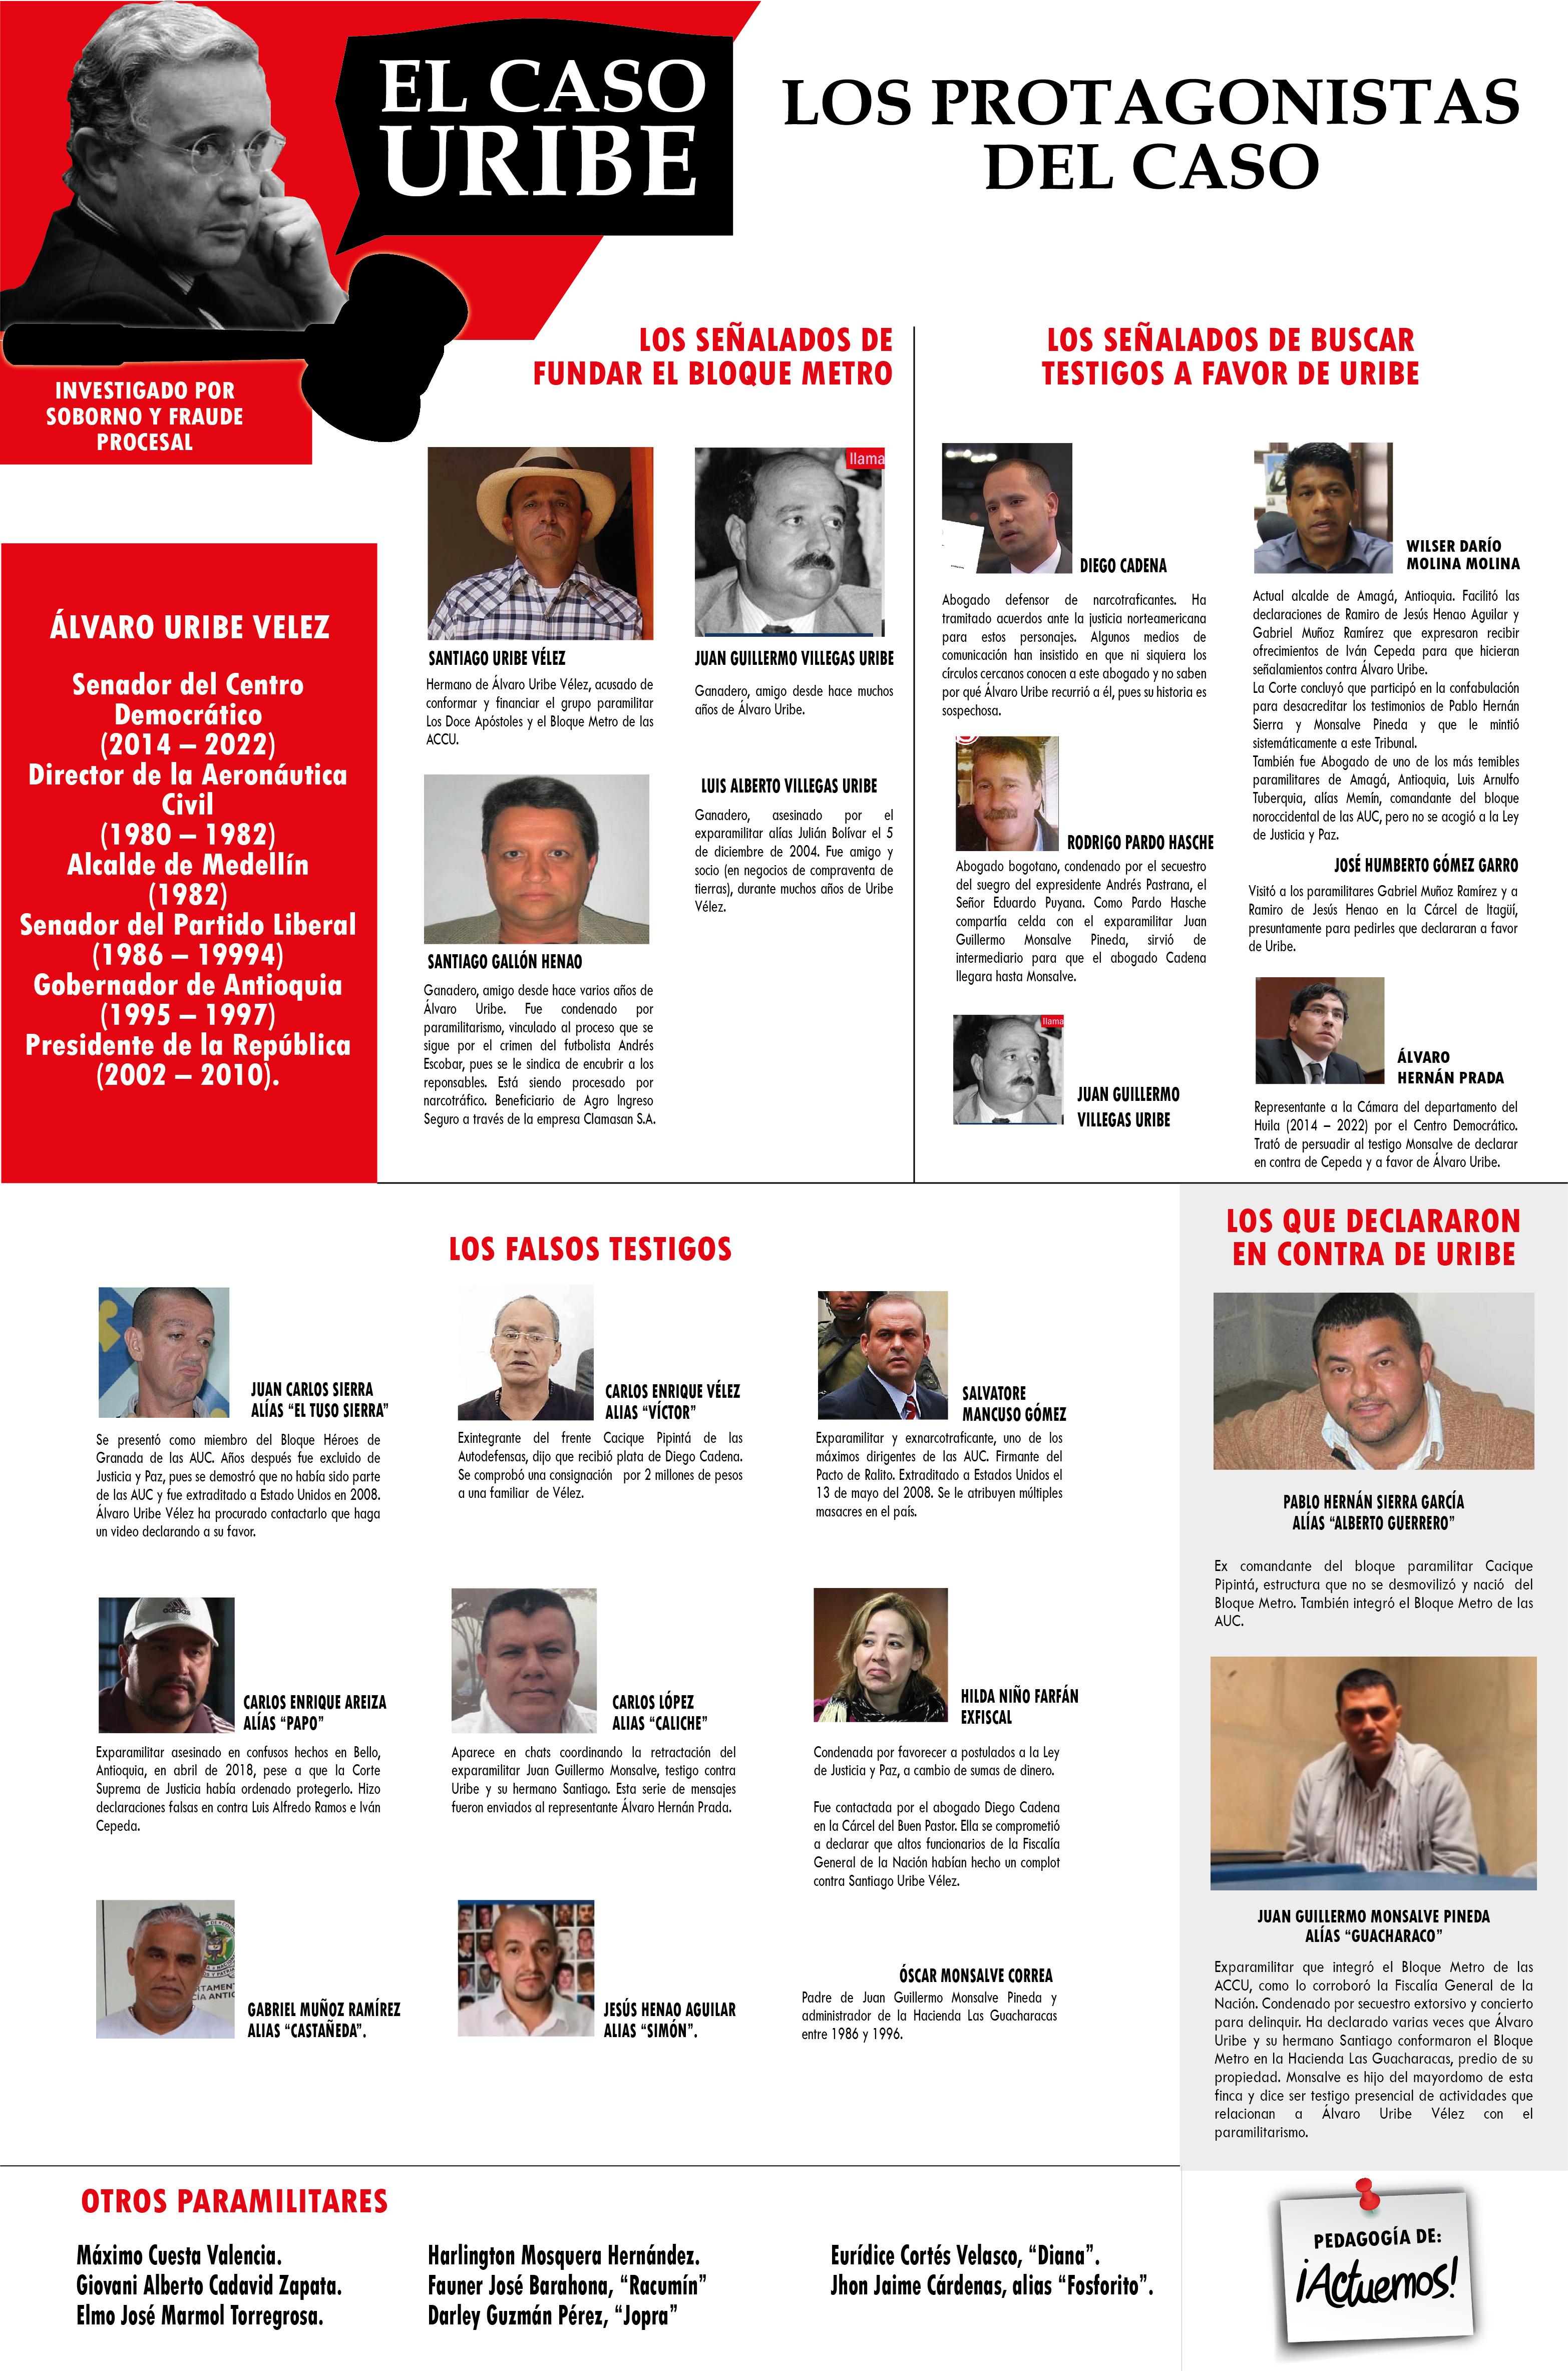 2. El Caso Uribe - Personajes